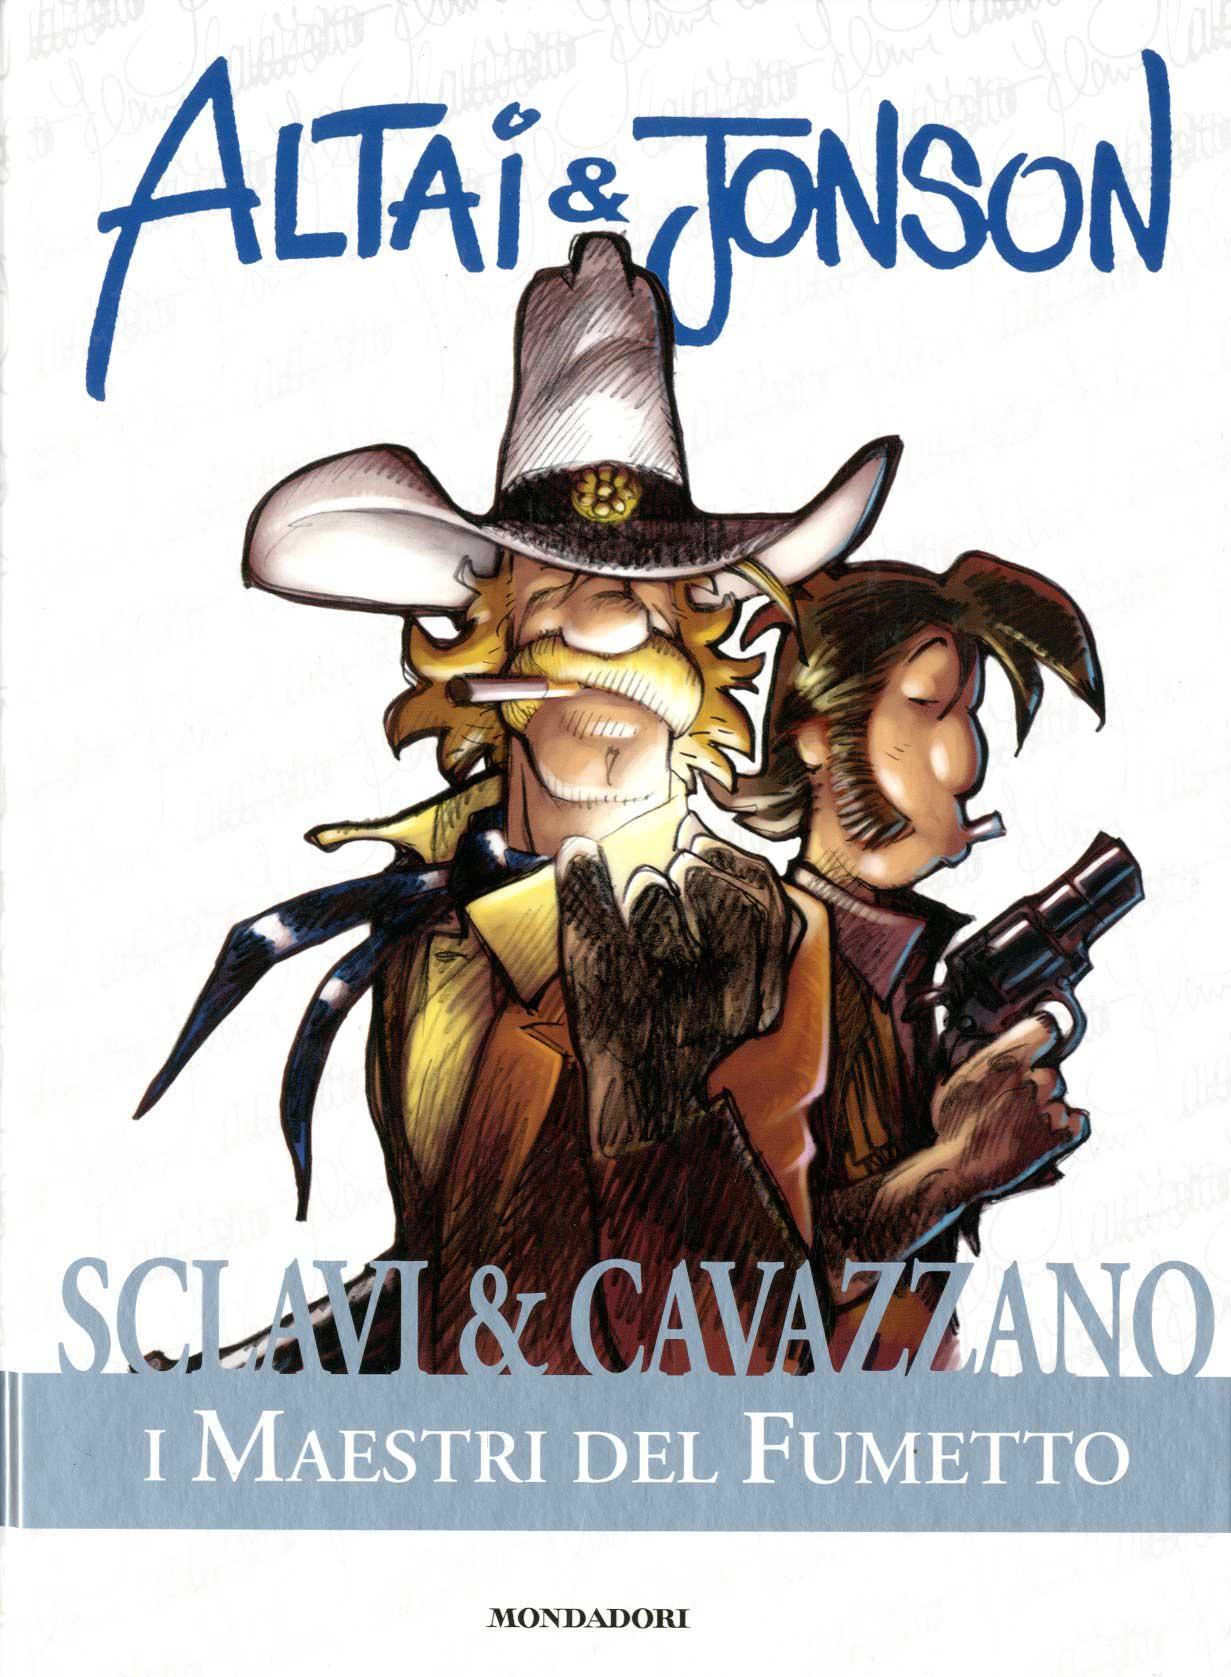 Fumetto online Il Portale dei Fumetti e dei suoi lettori vendita fumetti e acquisto fumetti